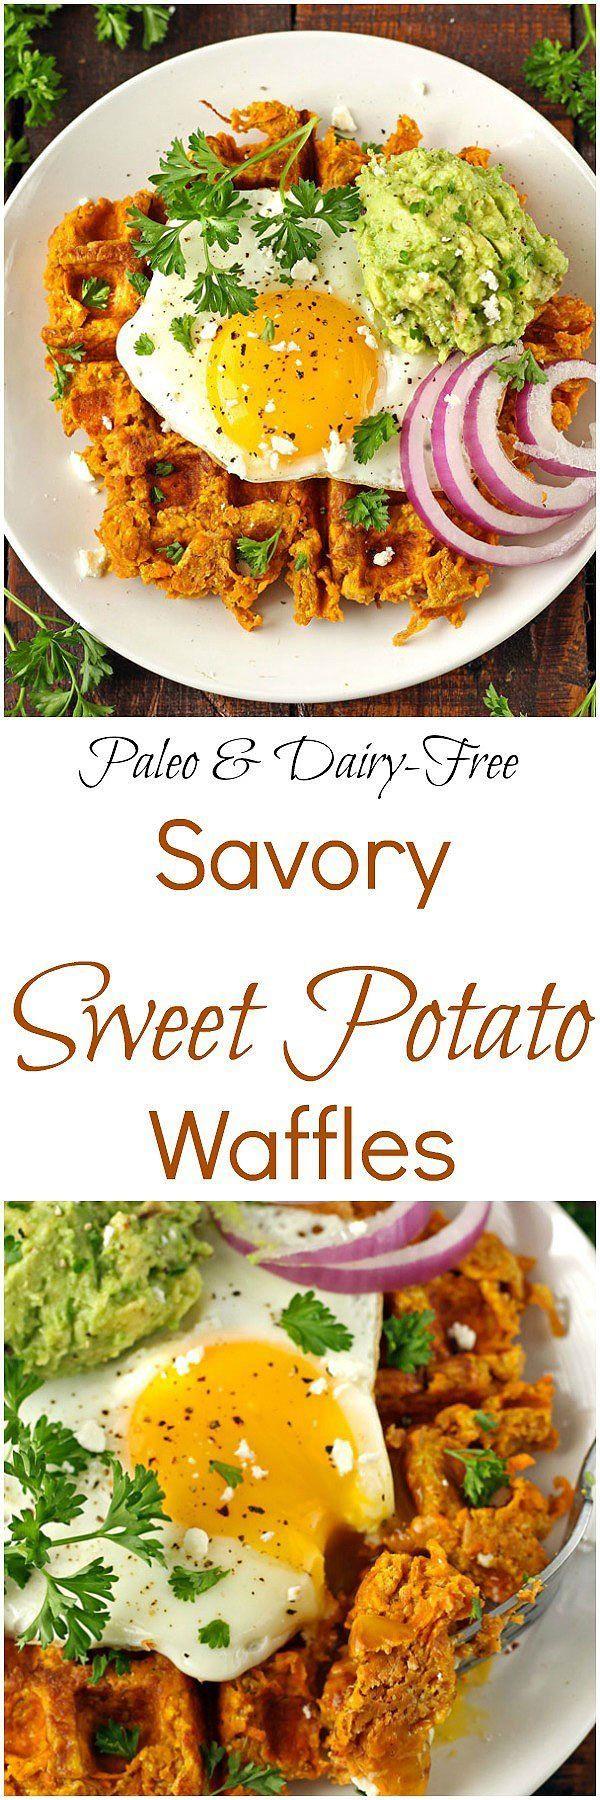 Savory Sweet Potato Waffles [Paleo / Gluten-Free]